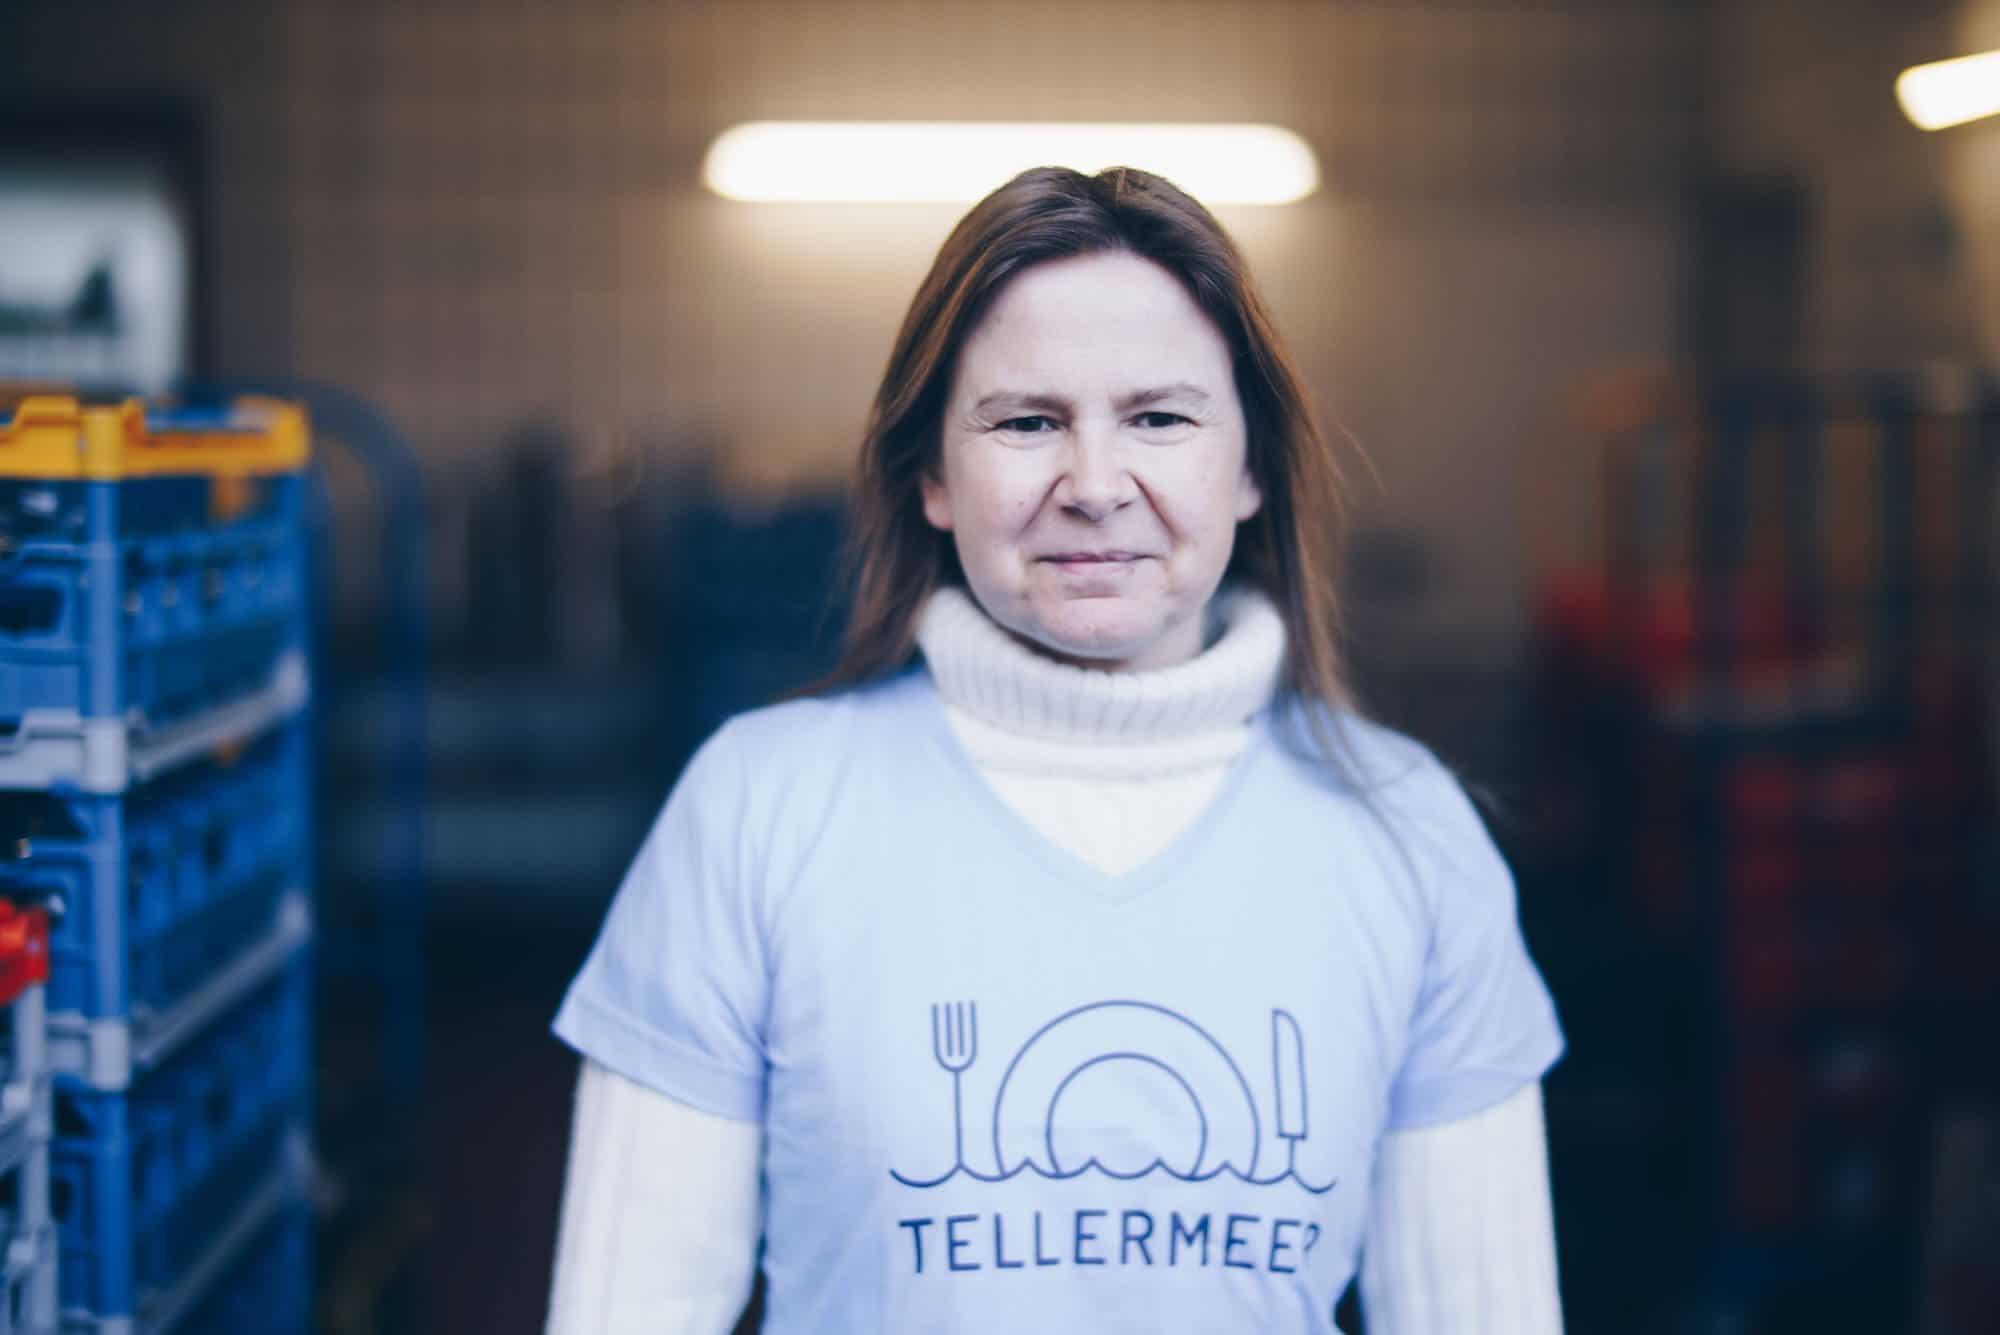 Mitarbeiterin von Eventausstattung Tellermeer in Gießen